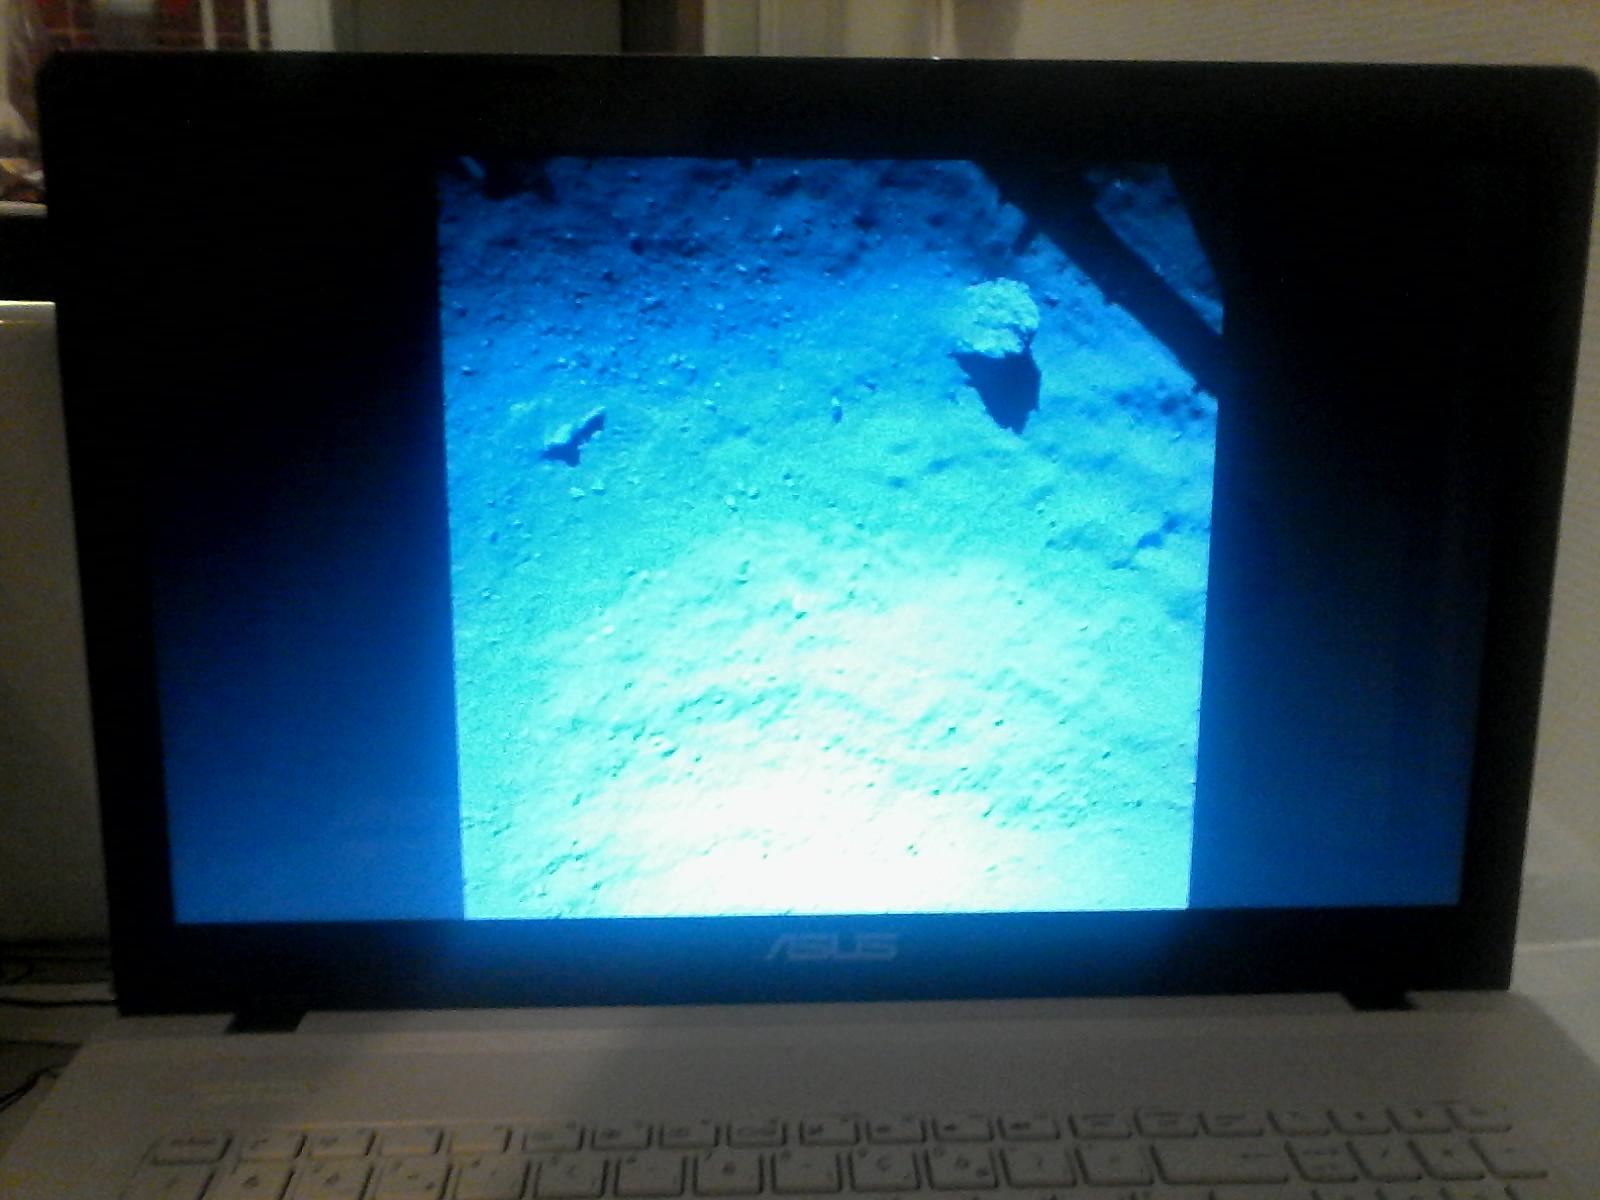 première image de la comète rosetta philae